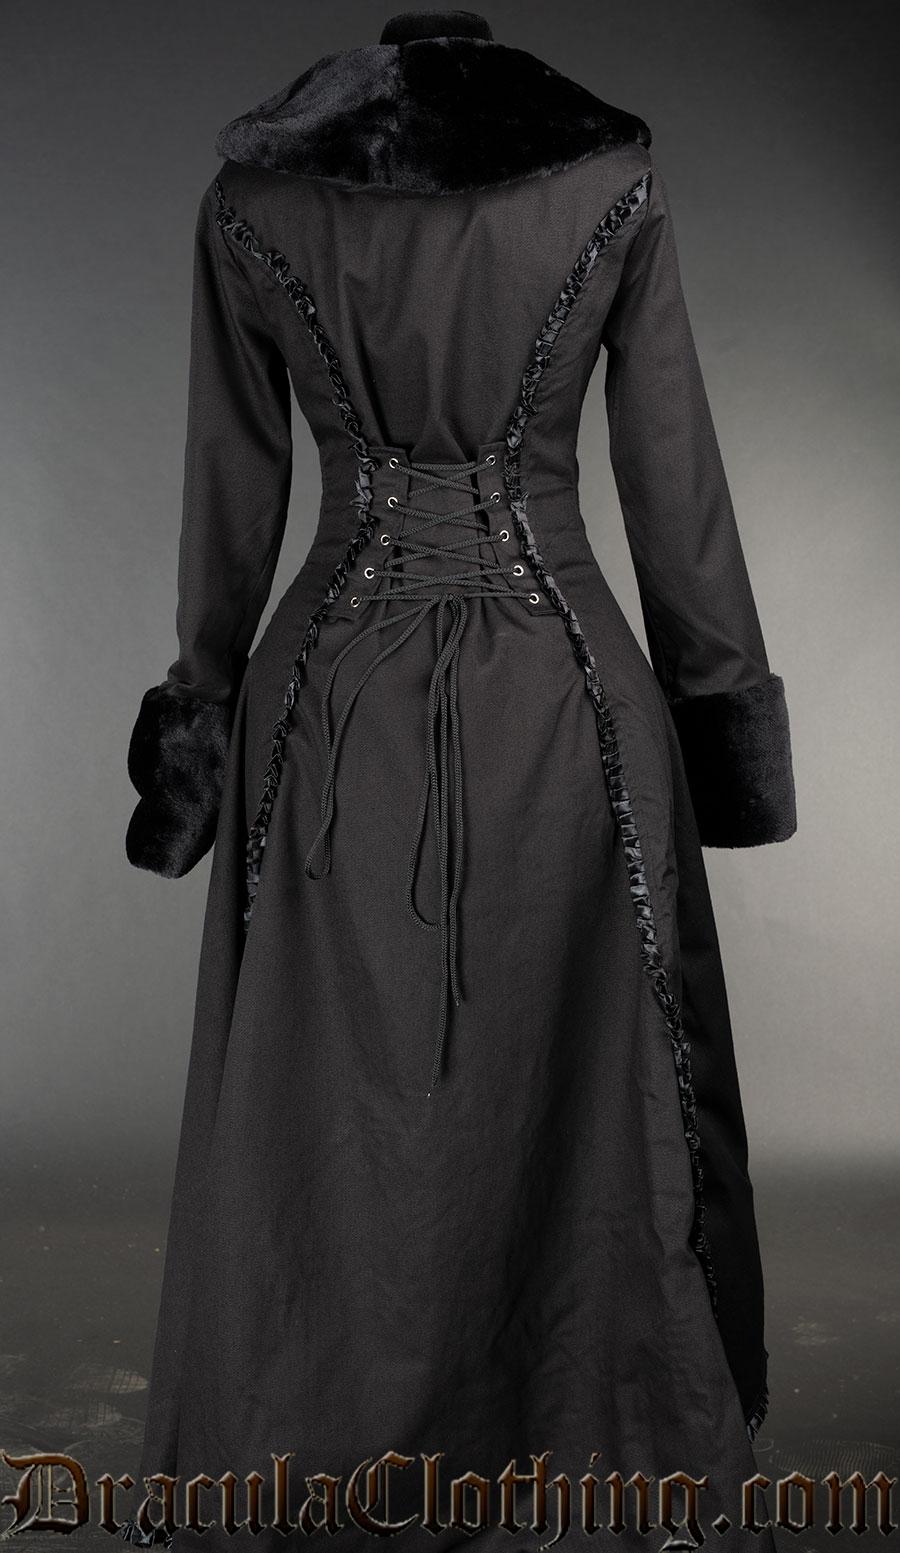 Cotton Evil Princess Coat